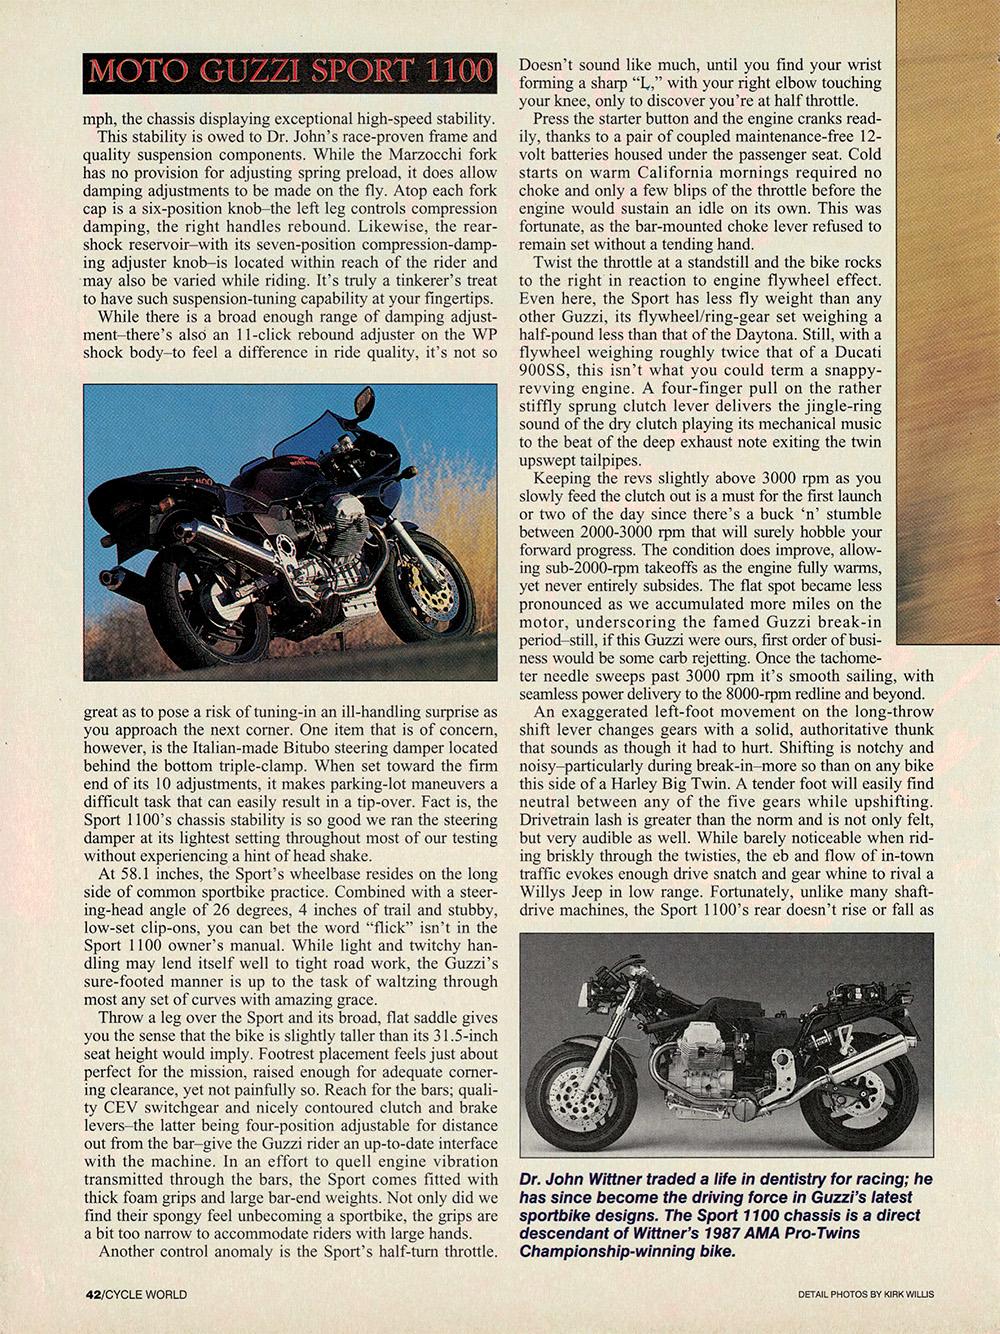 1995 Moto Guzzi Sport 1100 road test 3.jpg